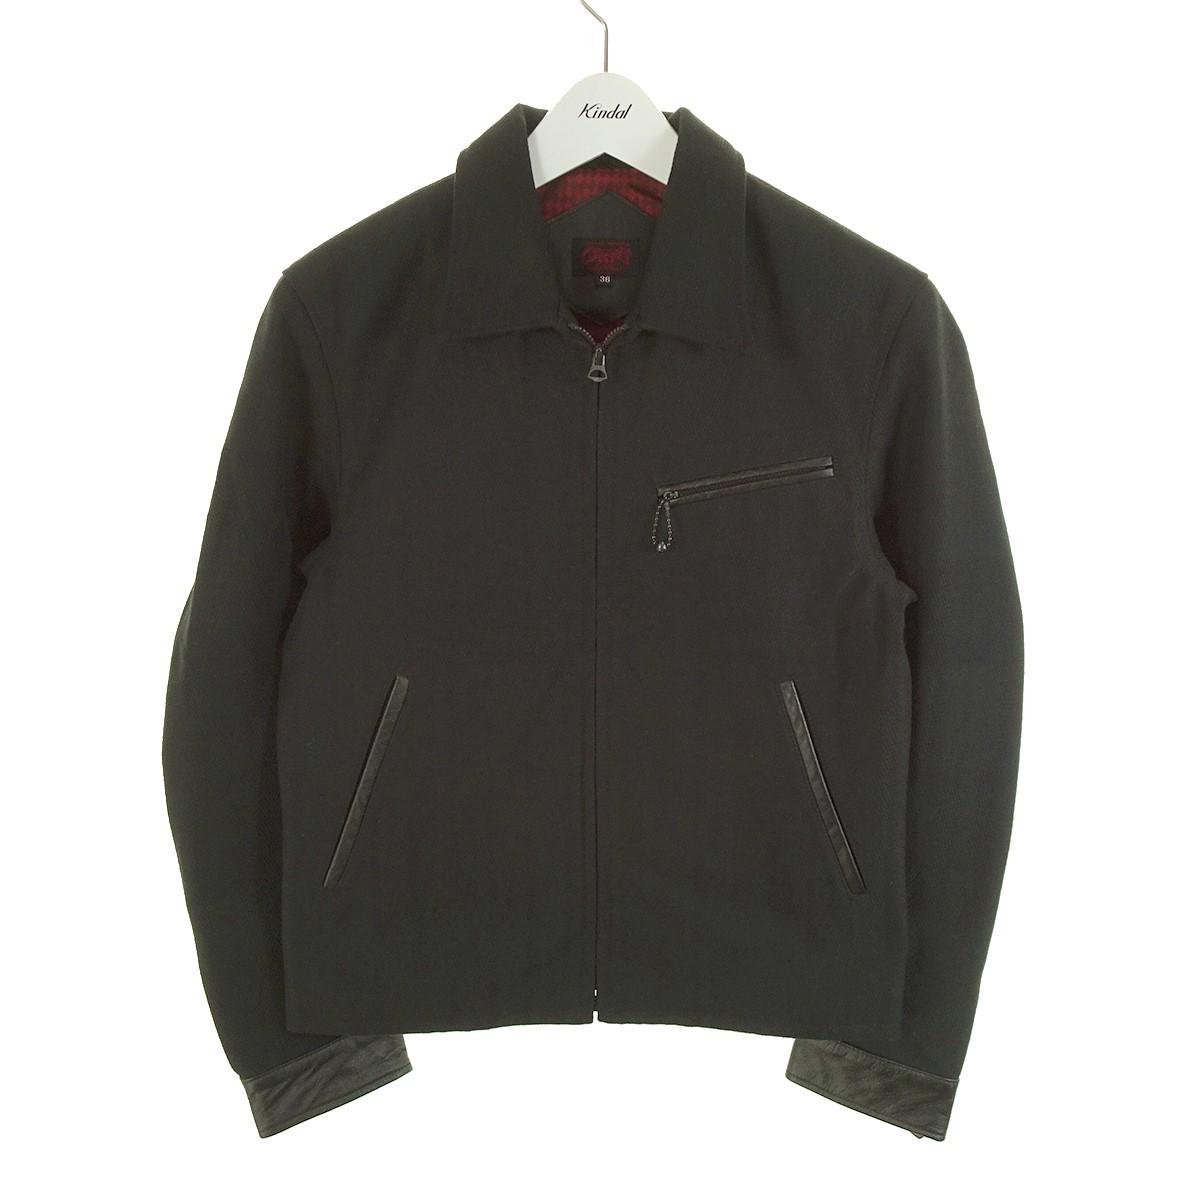 【中古】R.J.B バック刺繍ジップジャケット ブラック サイズ:36 【200620】(アールジェイビー)